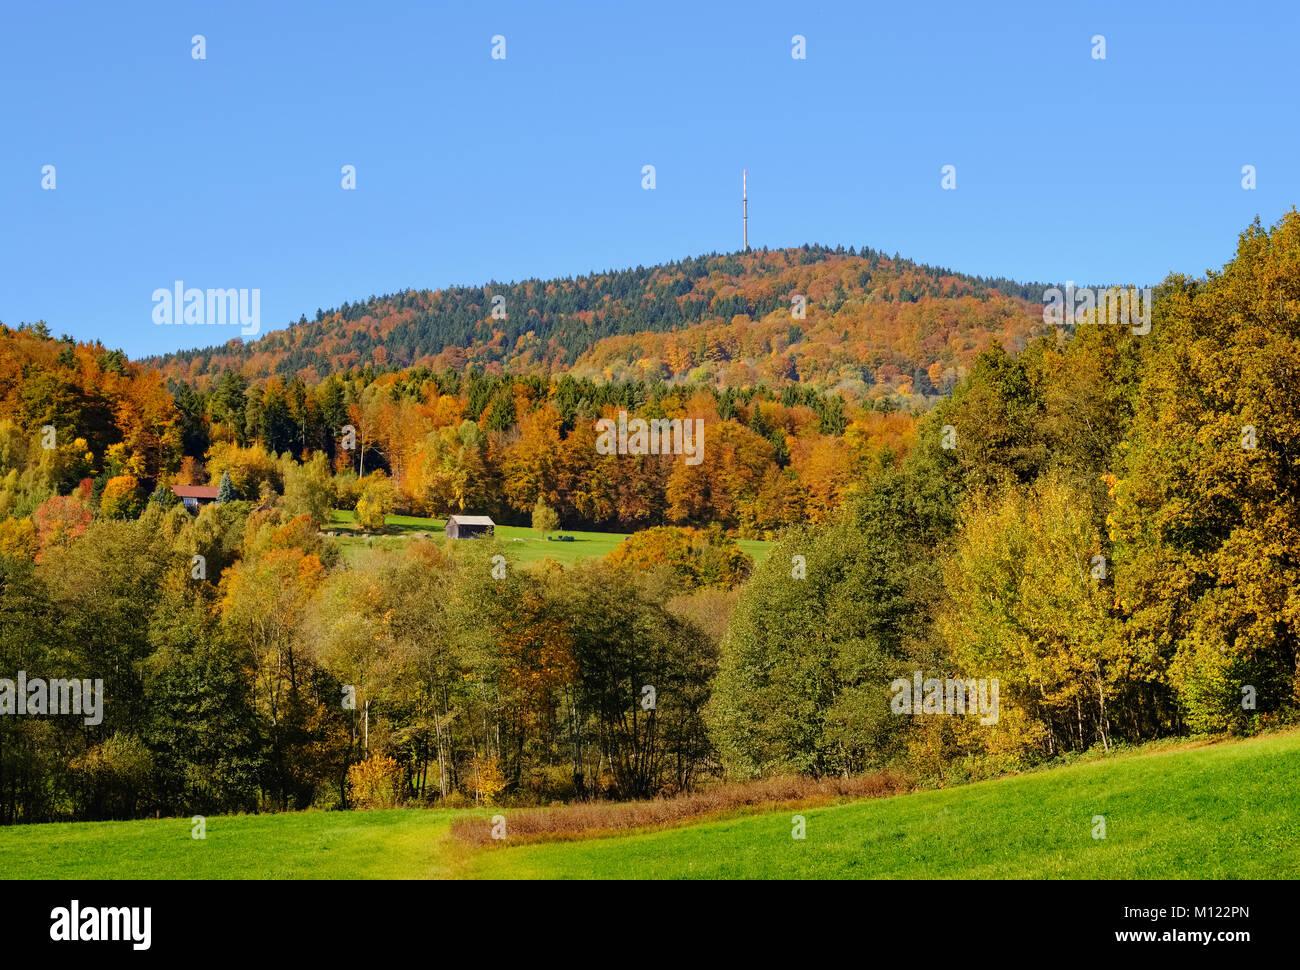 Mount Brotjacklriegel,Bavarian Forest,Lower Bavaria,Bavaria,Germany - Stock Image